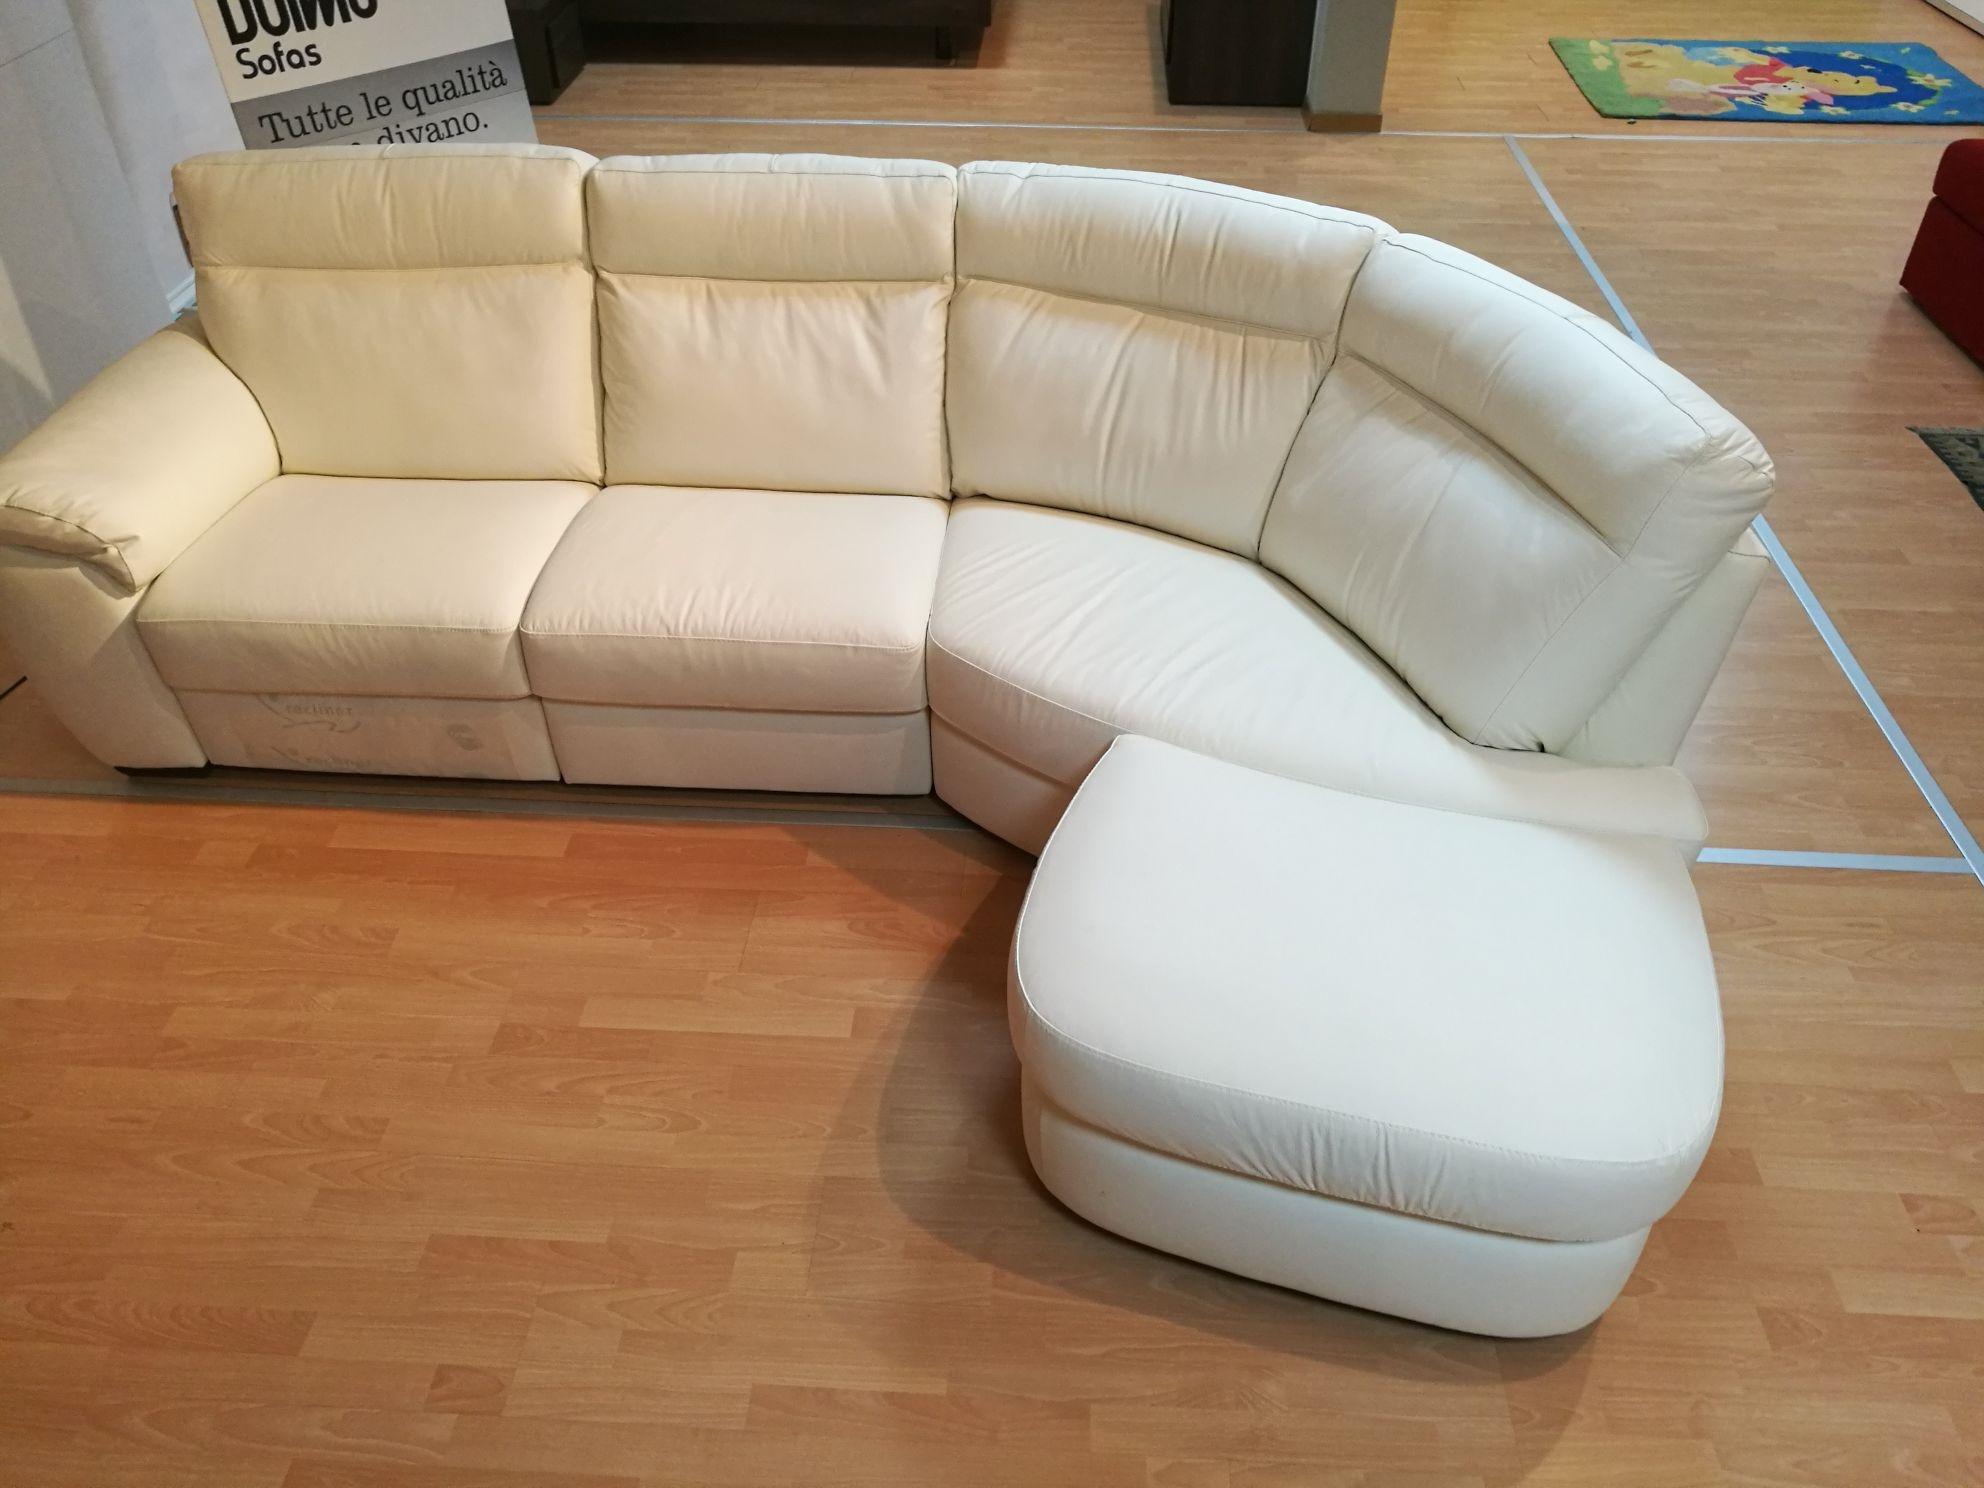 Divano angolo doimo sofas mod charles pelle scontato 65 - Pelle del divano rovinata ...